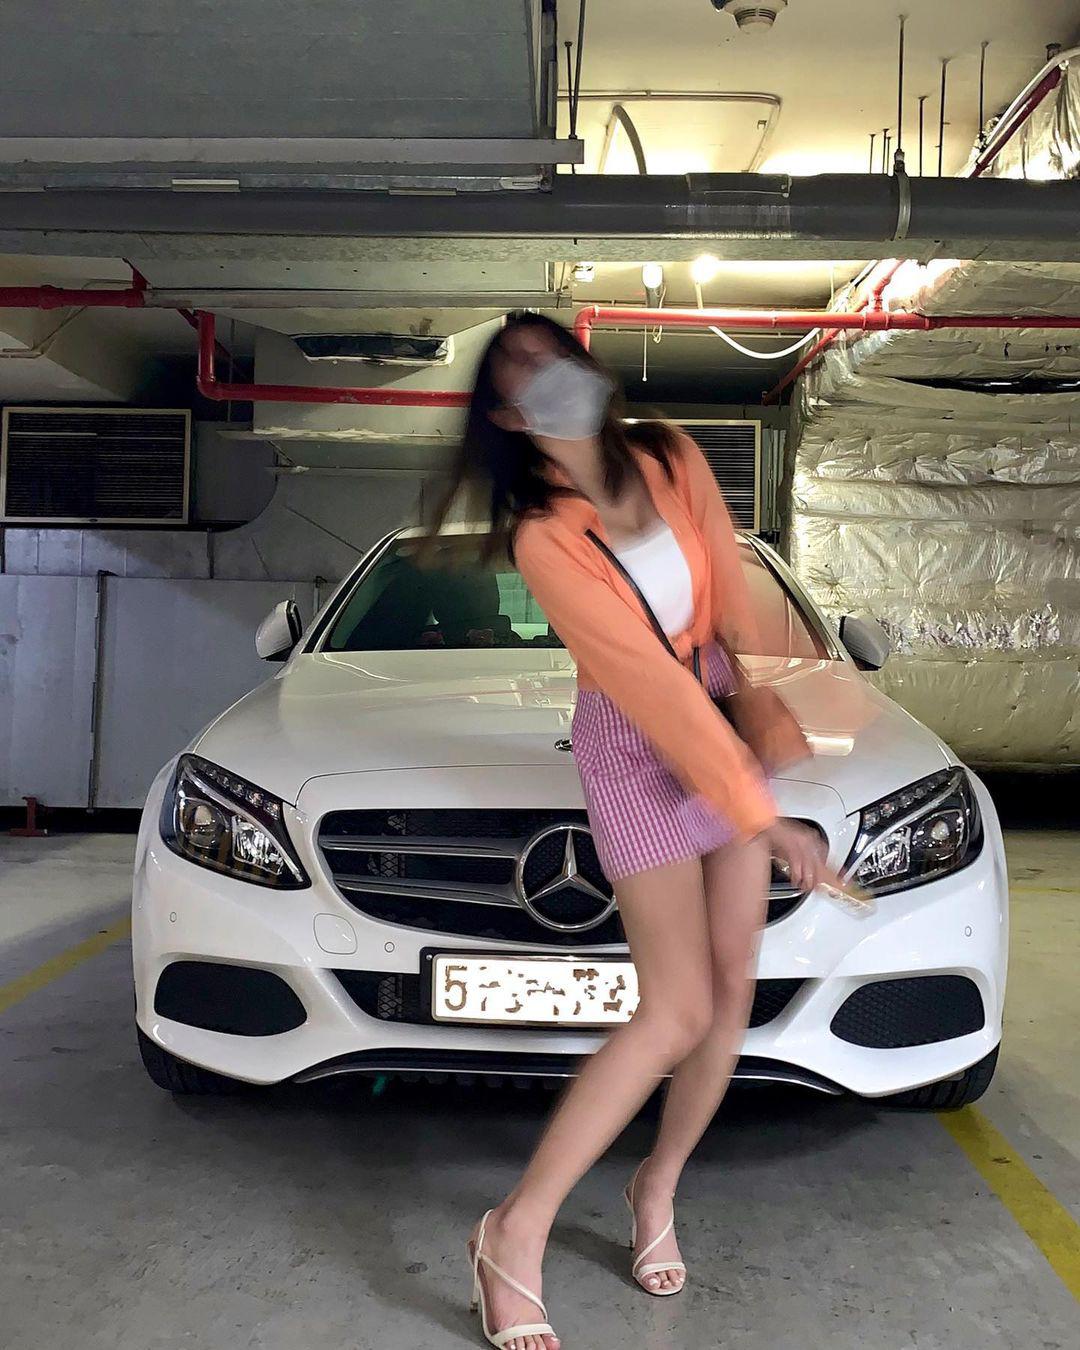 Đọ dáng cùng Rolls Royce, gái xinh khiến nhiều người ngỡ ngàng khi tiết lộ sự thật đằng sau - 1